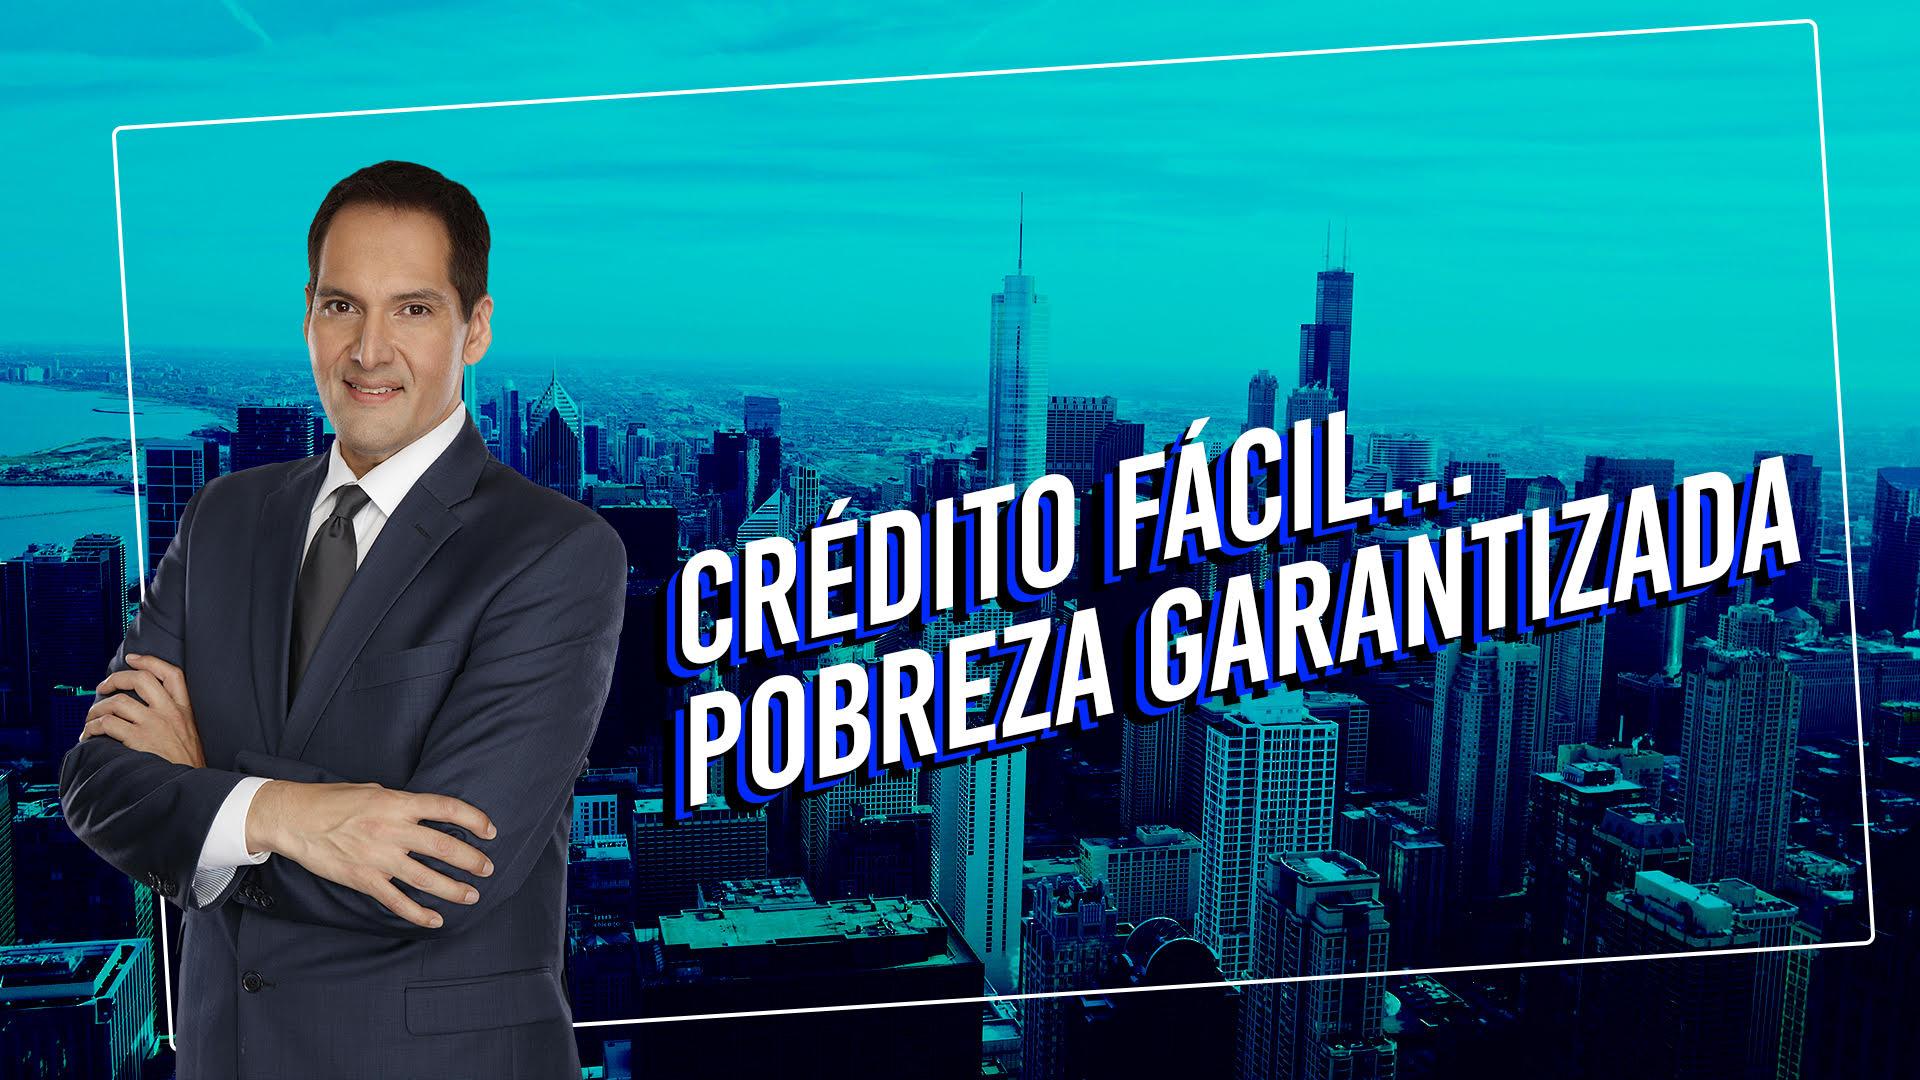 Crédito fácil… pobreza garantizada, lo que nadie dice sobre el dinero